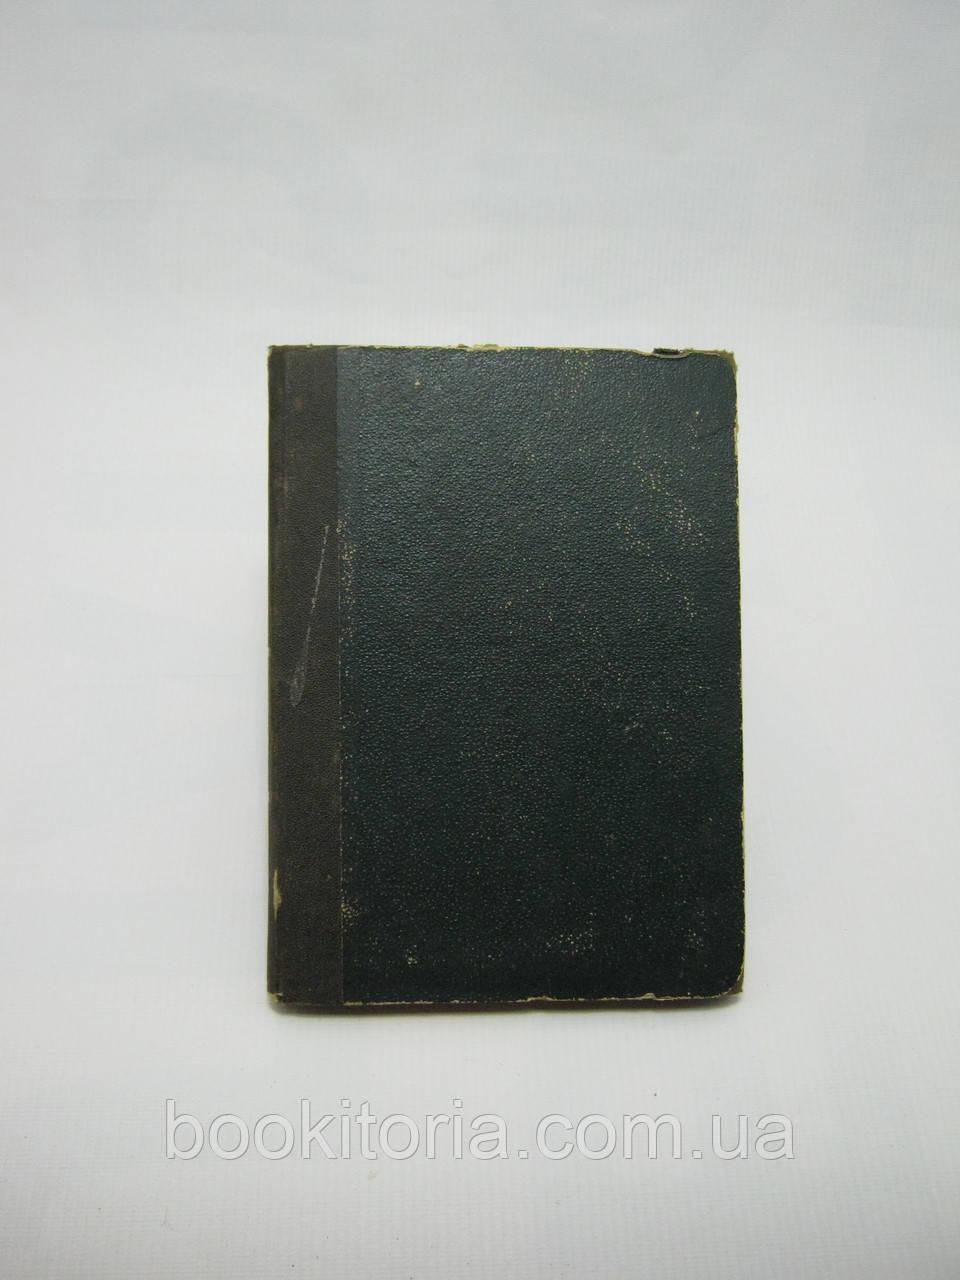 Ватсон Э. Эпилог прусско-французской войны. Очерк истории Парижской коммуны 1871 года (б/у).